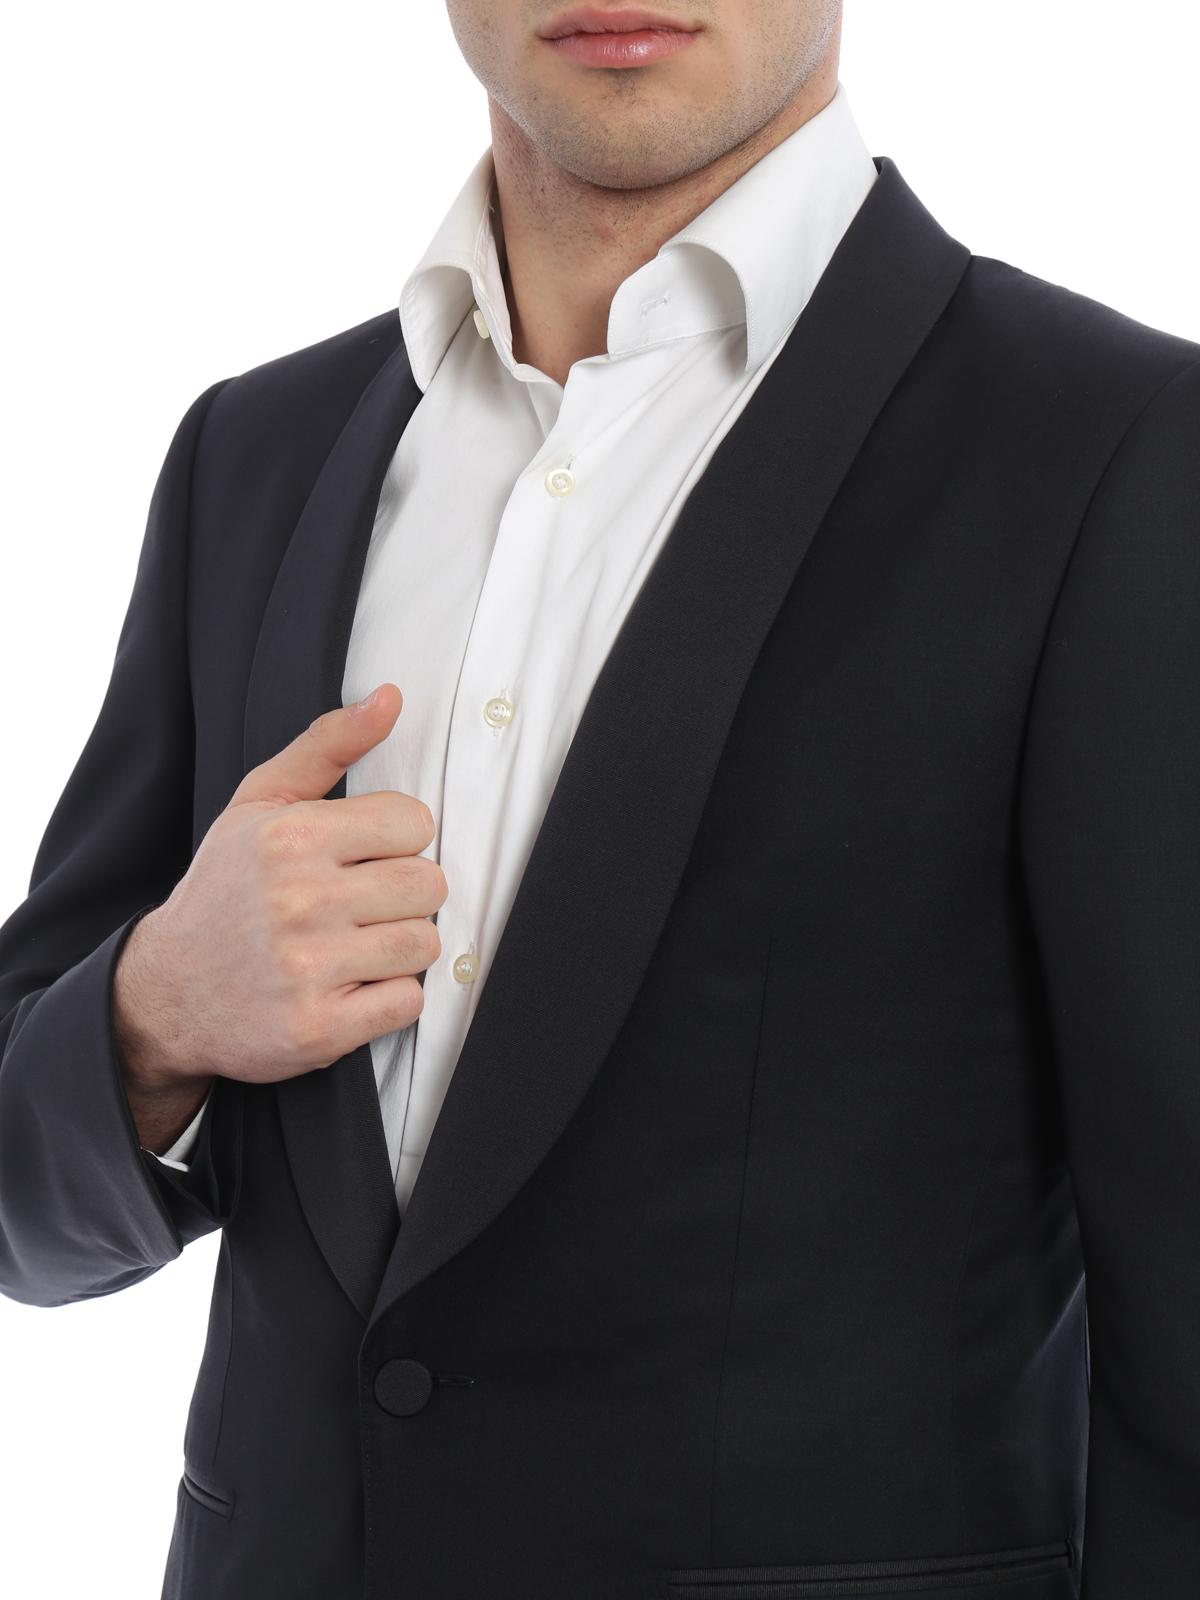 1d2d1d29a66 Ermenegildo Zegna - Costume Noir Pour Homme - Costumes de soirée ...